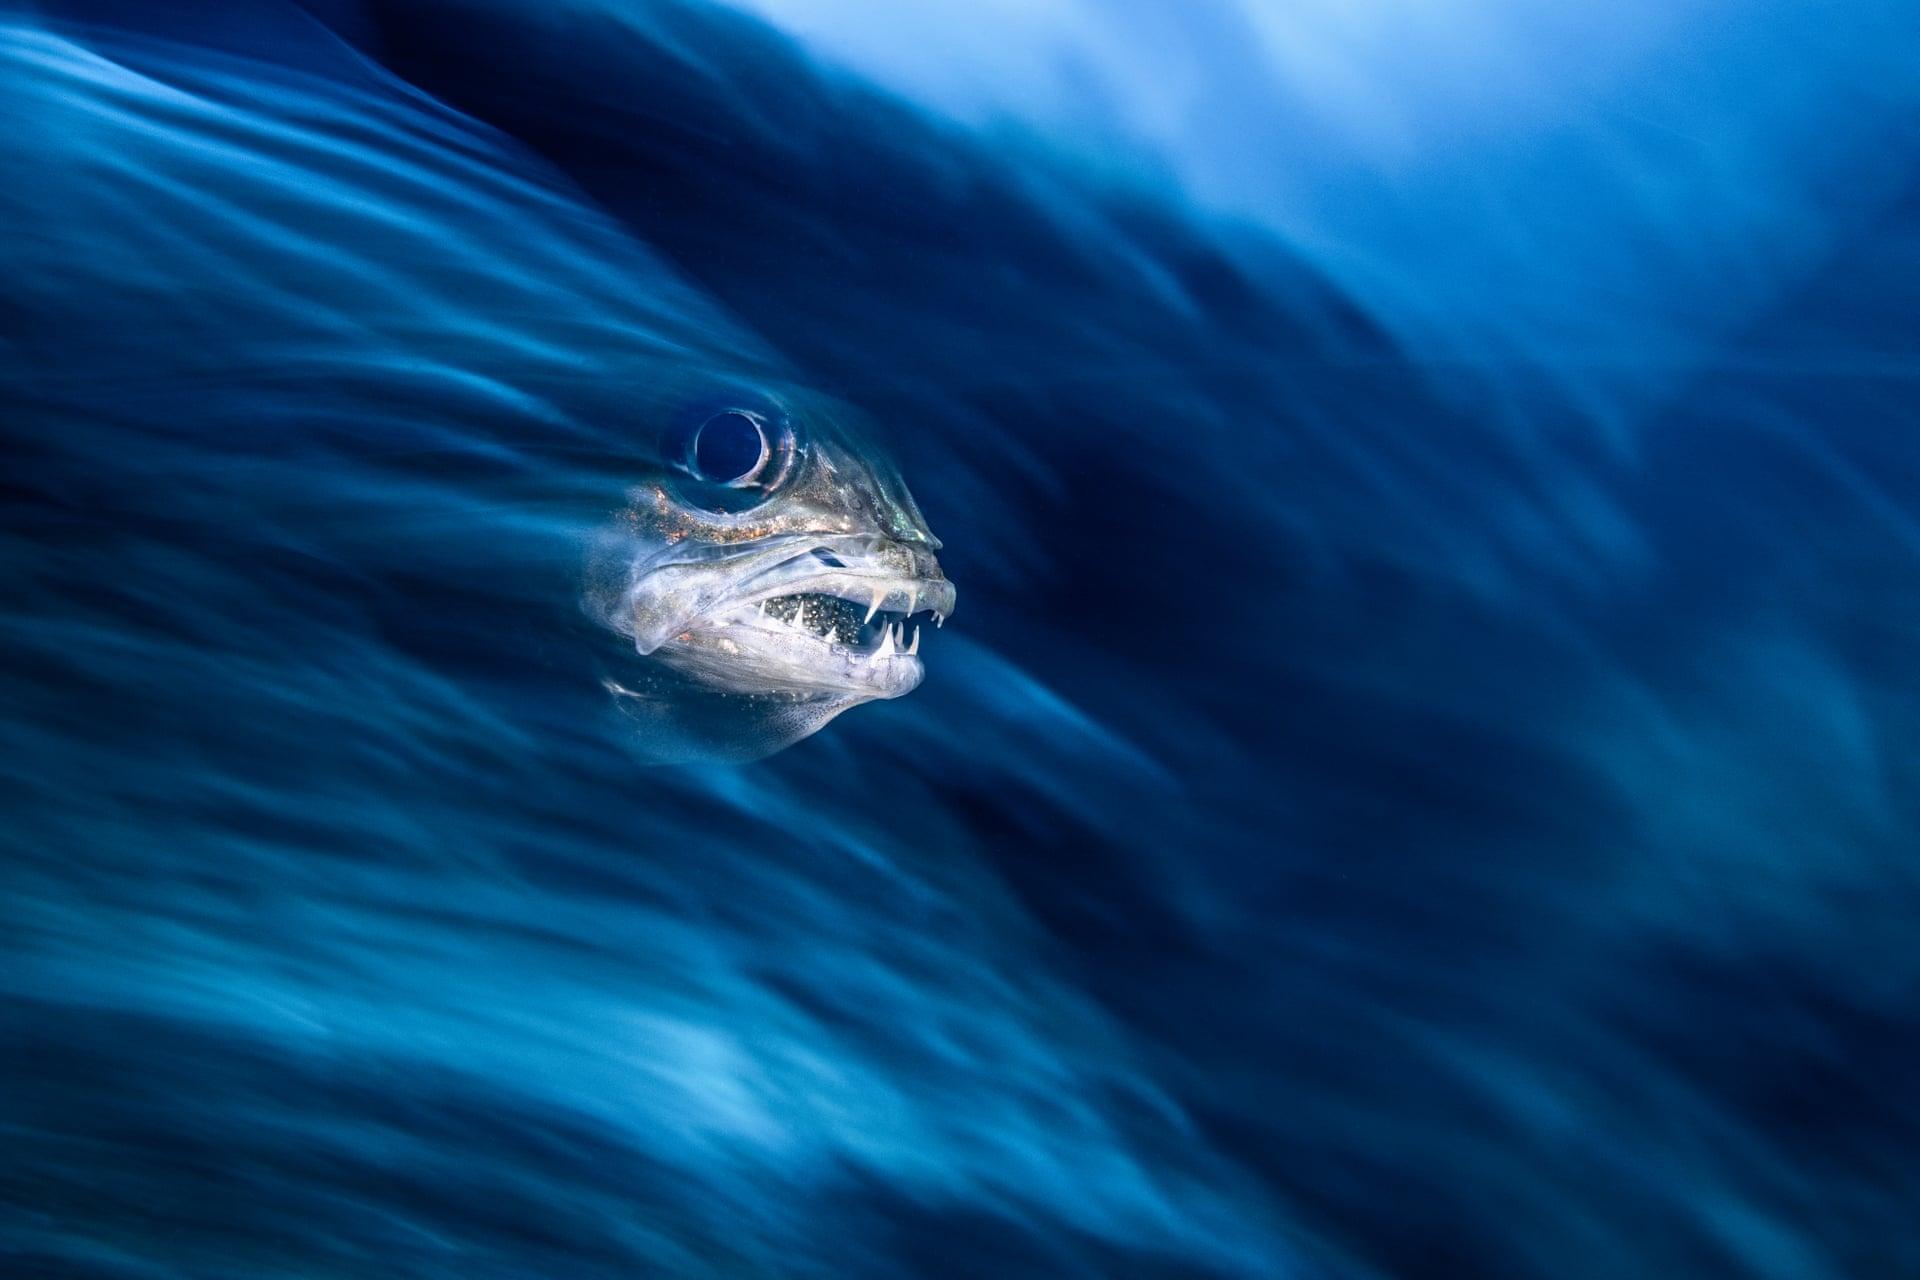 Τιγρίσιο κύμα: Τρίτο βραβείο στην κατηγορία «Κοντινή απόσταση». «Φωτογράφισα σε ένα μπλε κύμα, το πρόσωπο ενός καρδιναλίου-τίγρη, που επωάζει τα αυγά του μέσα στο στόμα του. Βούτηξα τρεις φορές κοντά σε αυτό το ψάρι μέχρι να κερδίσω την εμπιστοσύνη του, ώστε να μου επιτρέψει να το φωτογραφίσω από τόσο κοντινή απόσταση».